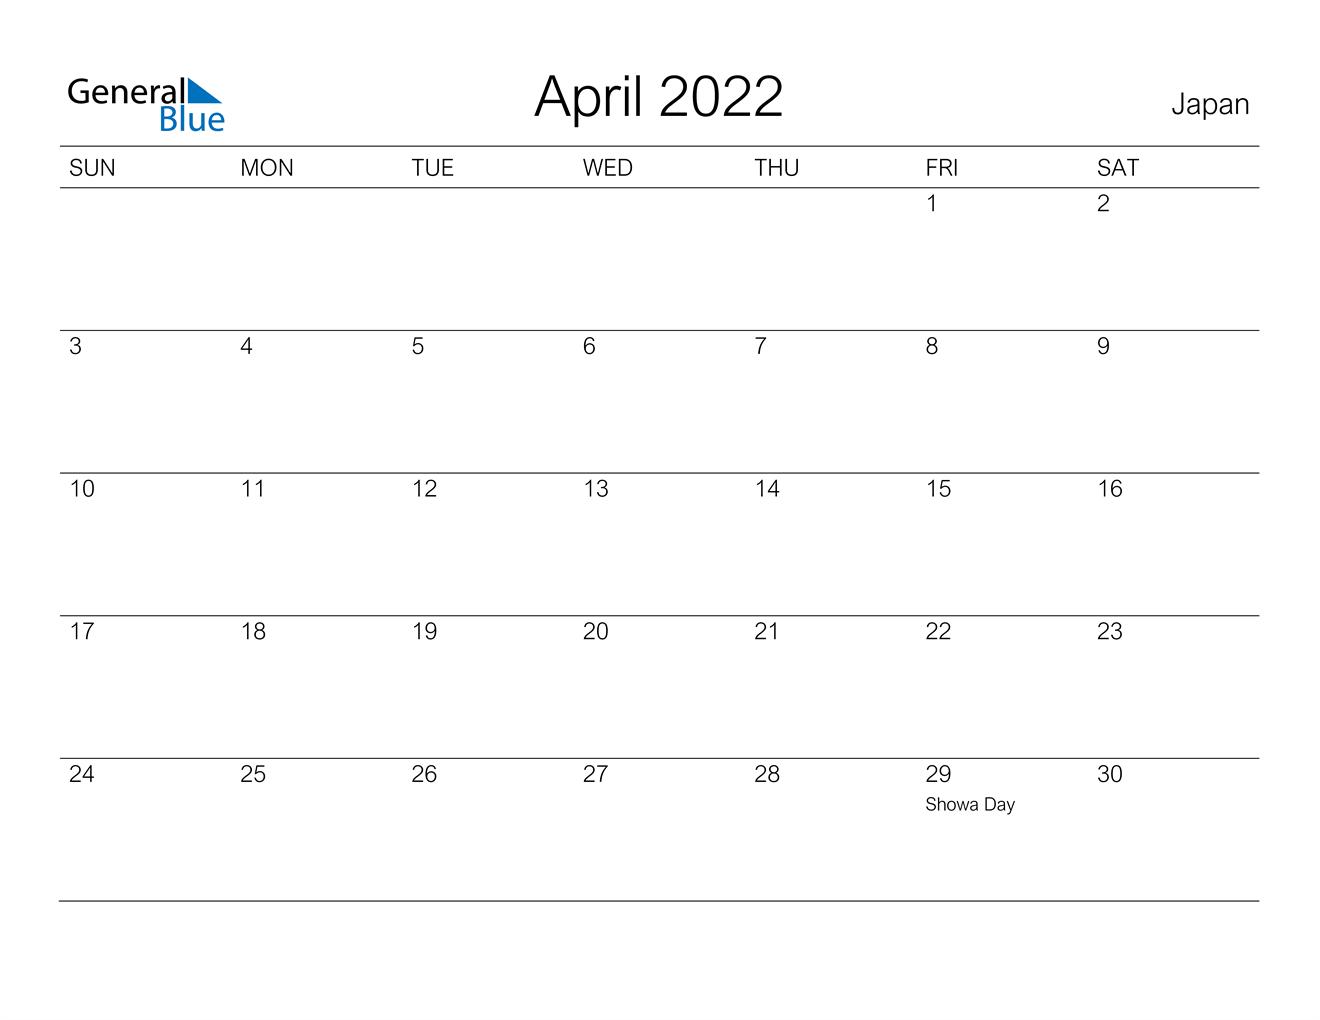 April 2022 Calendar - Japan